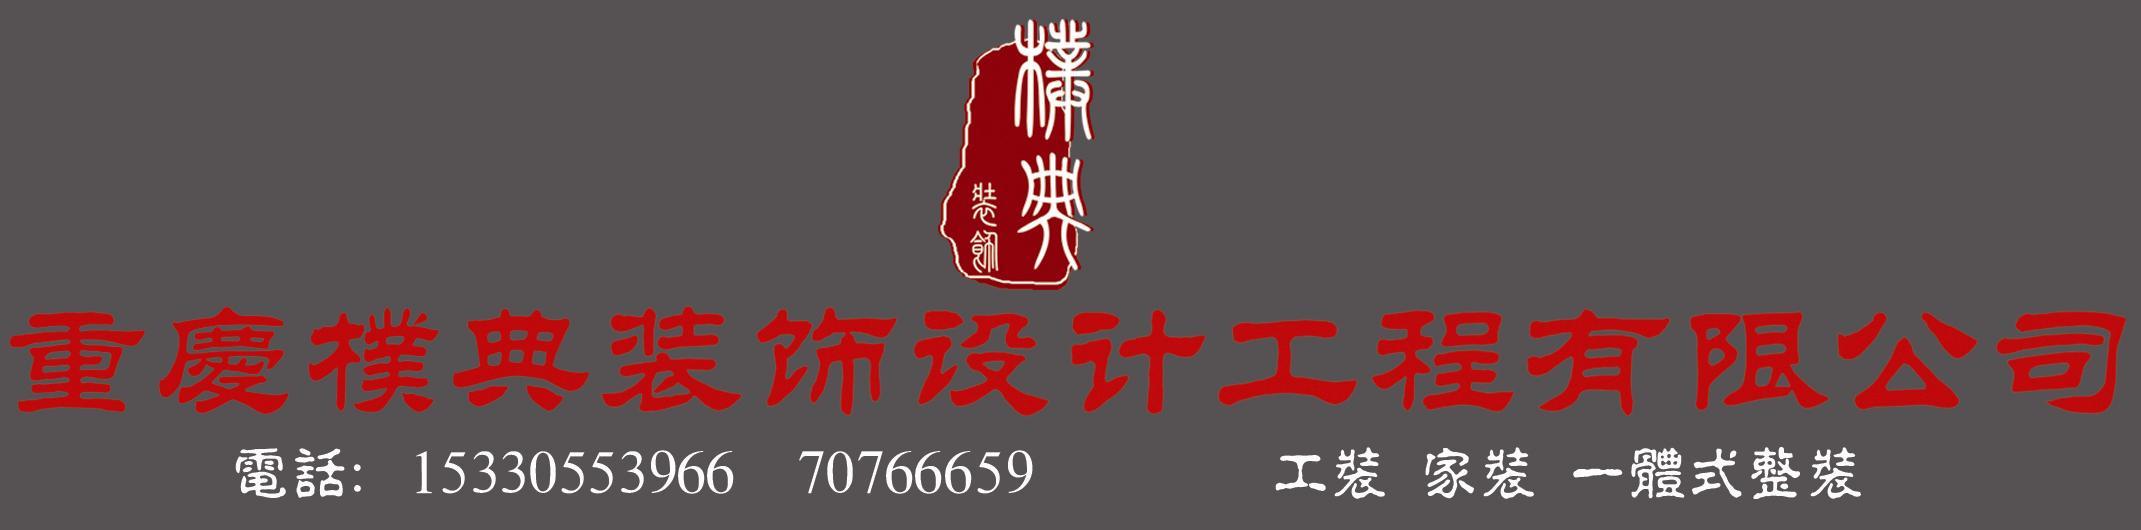 朴典装饰设计公司